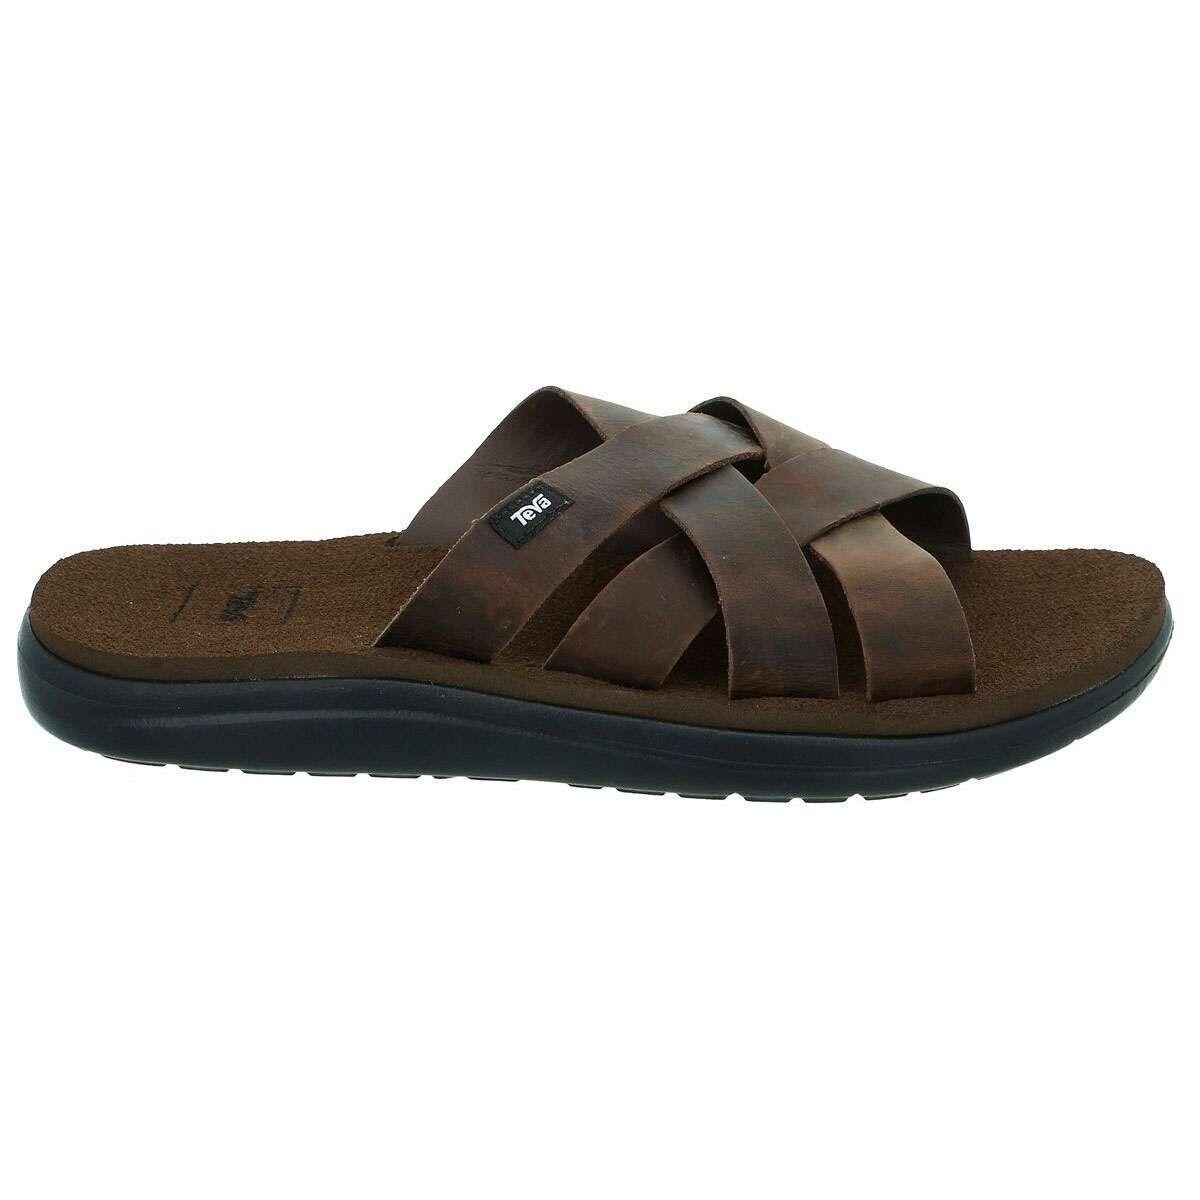 Teva voya slide Leather sandalia es marrón